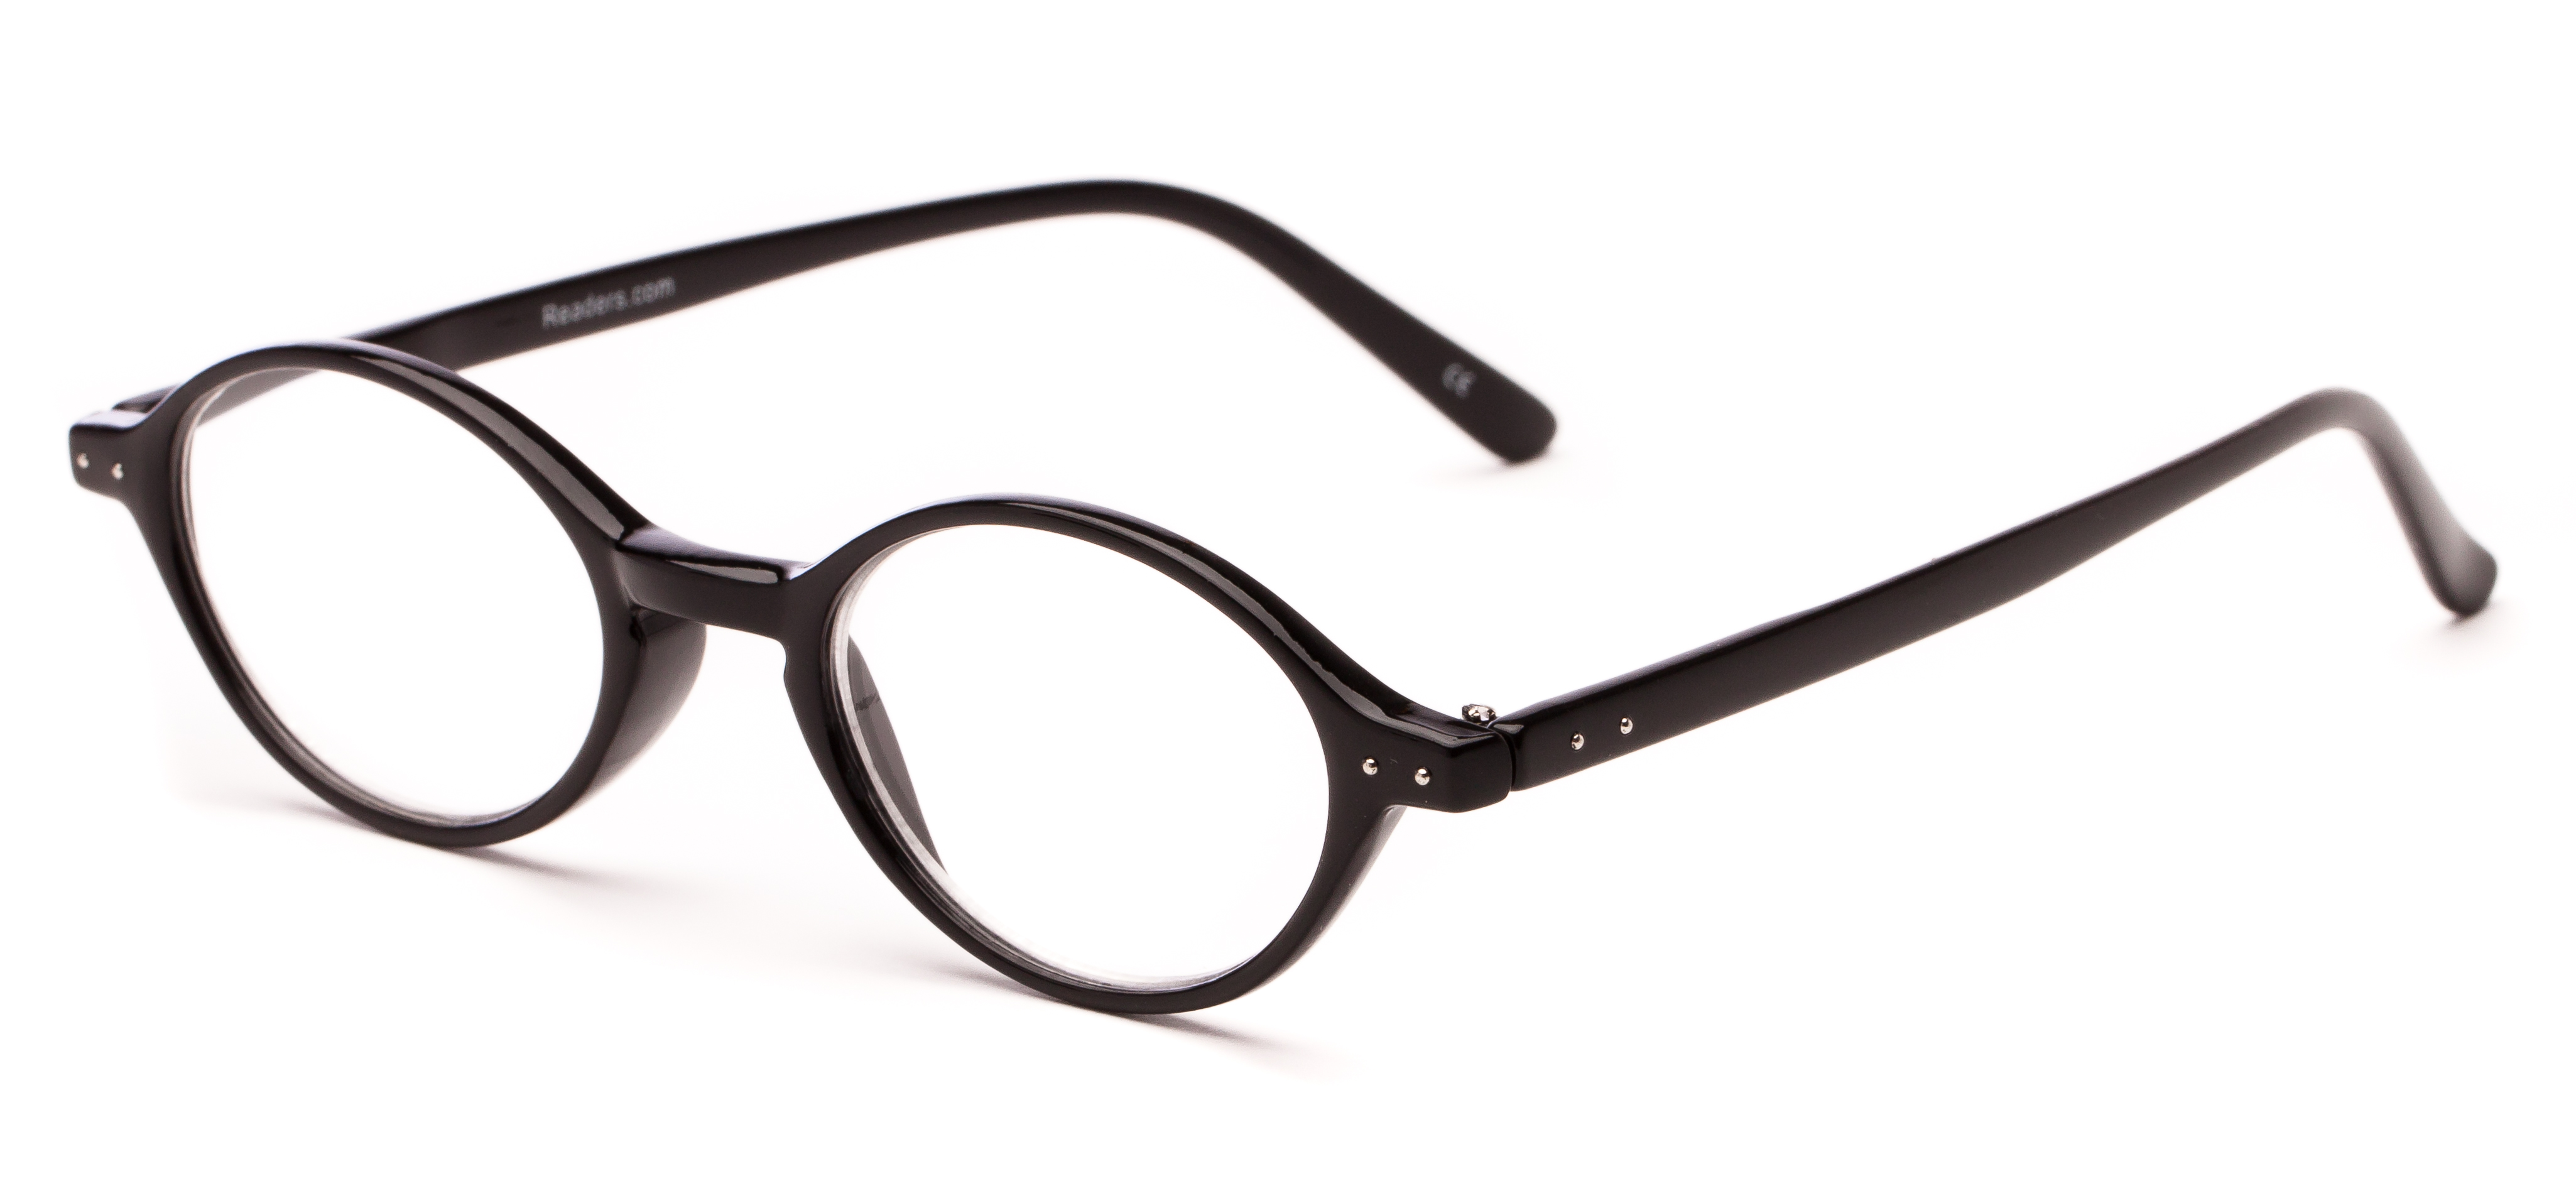 reading glasses store buy discount bifocals computer